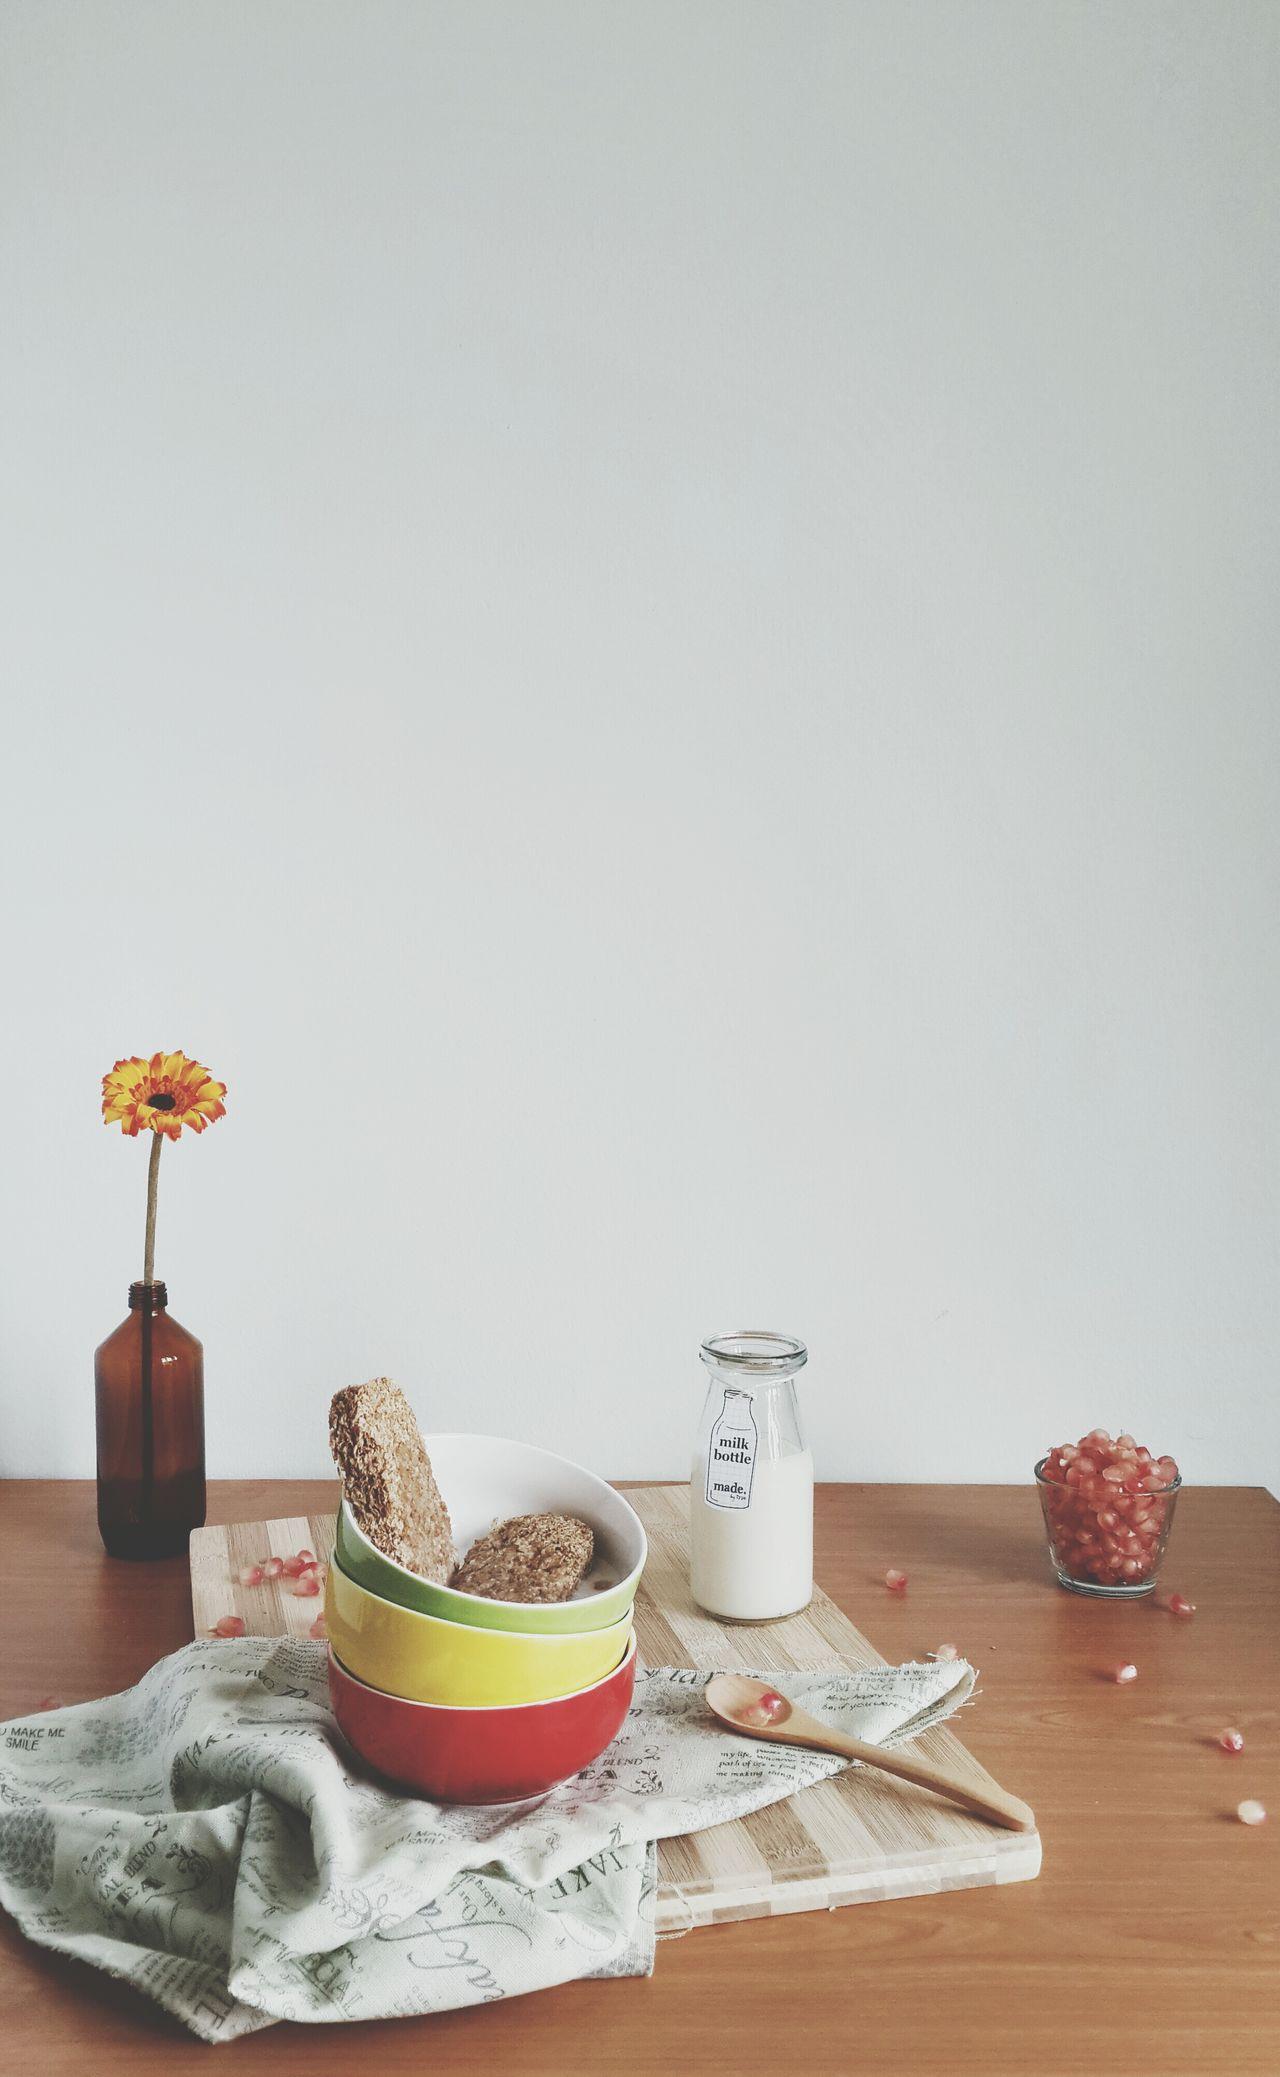 Beautiful stock photos of breakfast, Bottle, Bowl, Bread, Breakfast